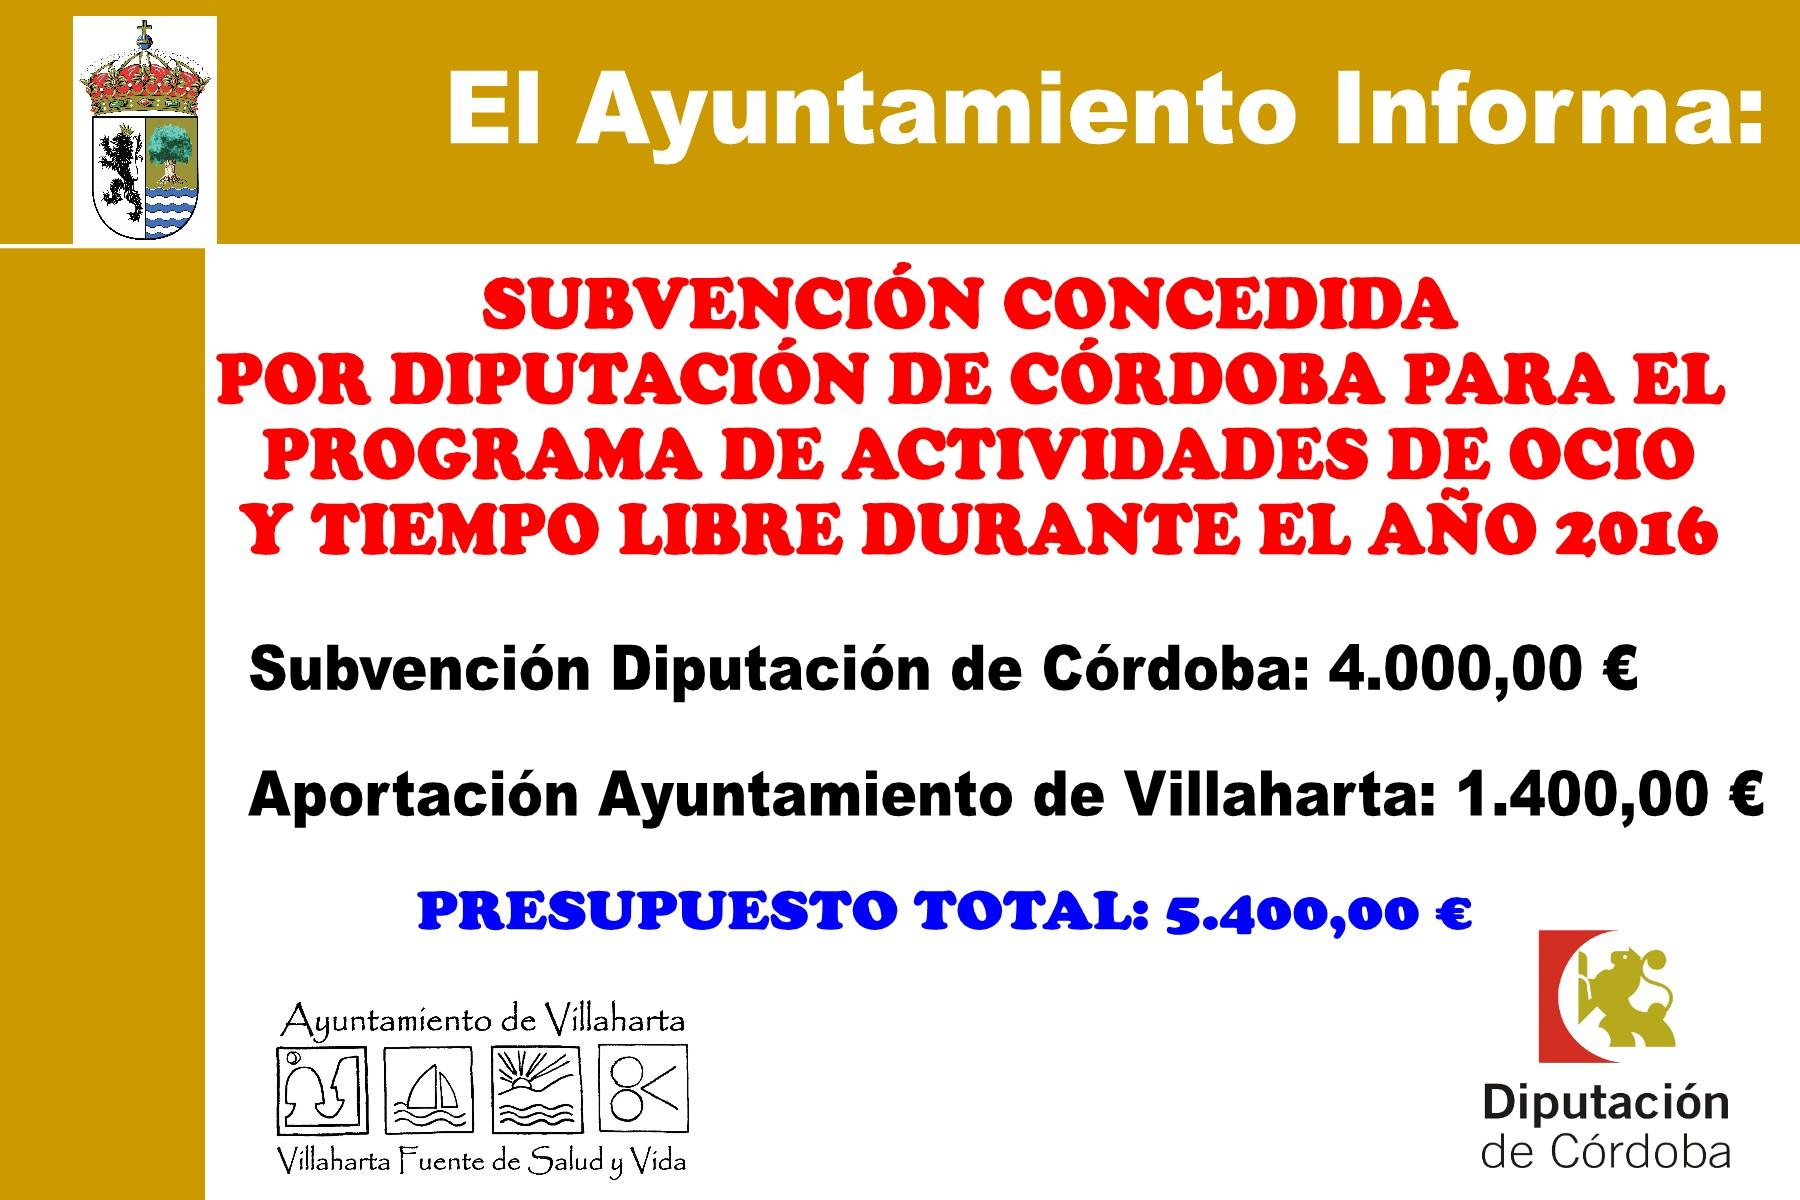 SUBVENCIONES RECIBIDAS. 2016 10